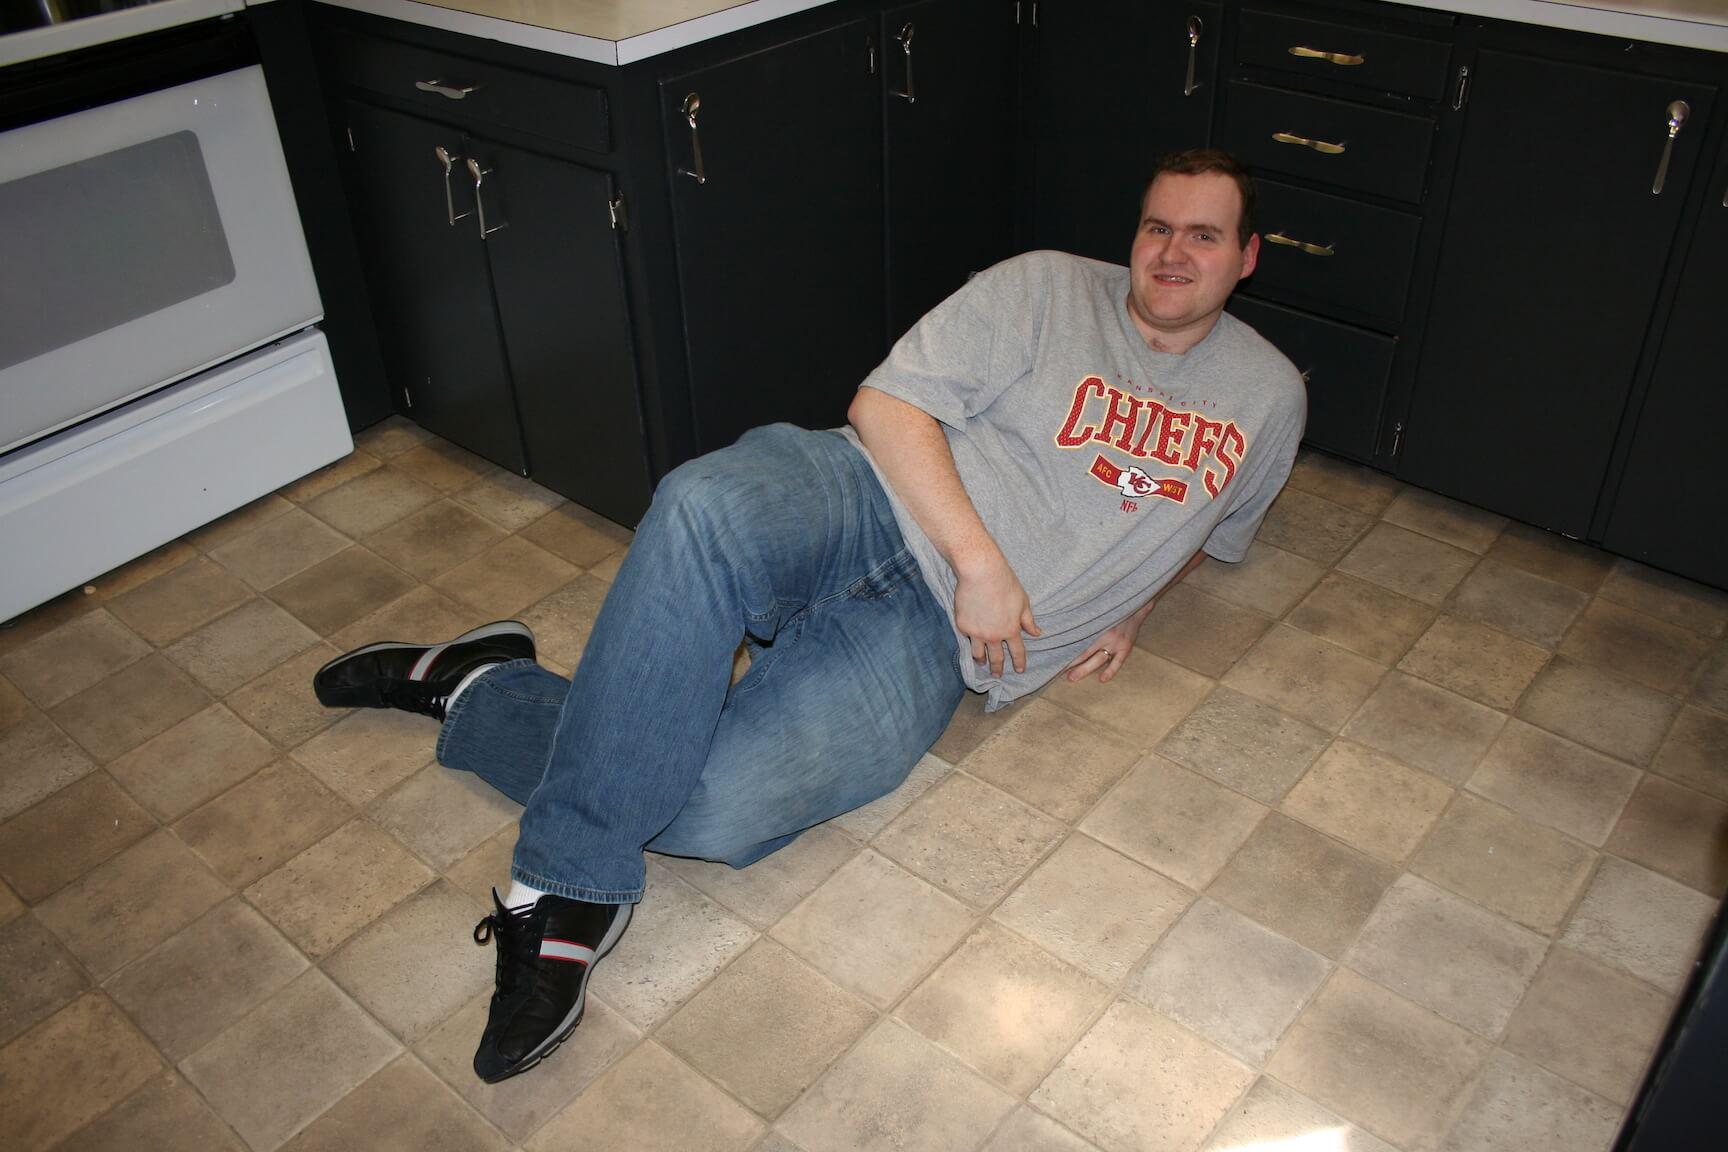 Inconsiderate roommate lying on floor